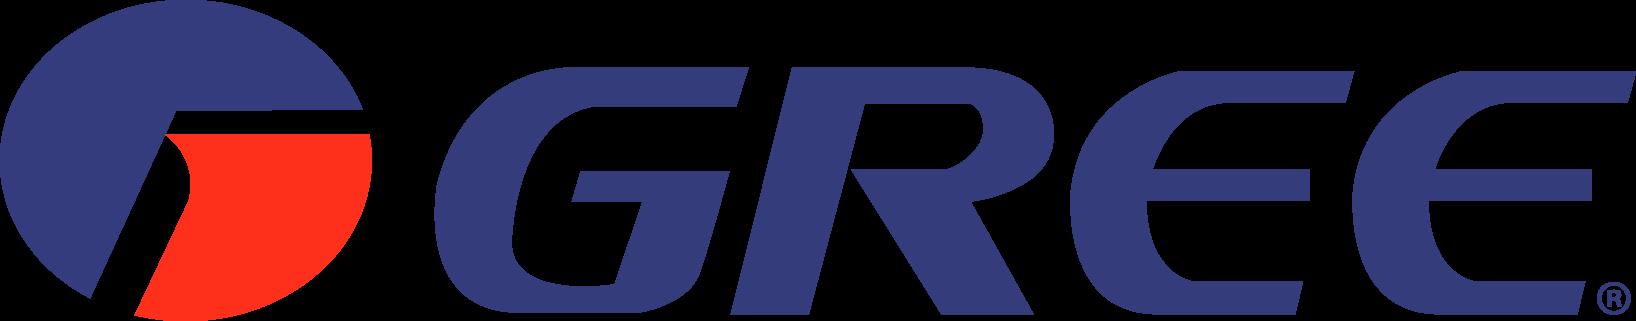 Gree Logo png